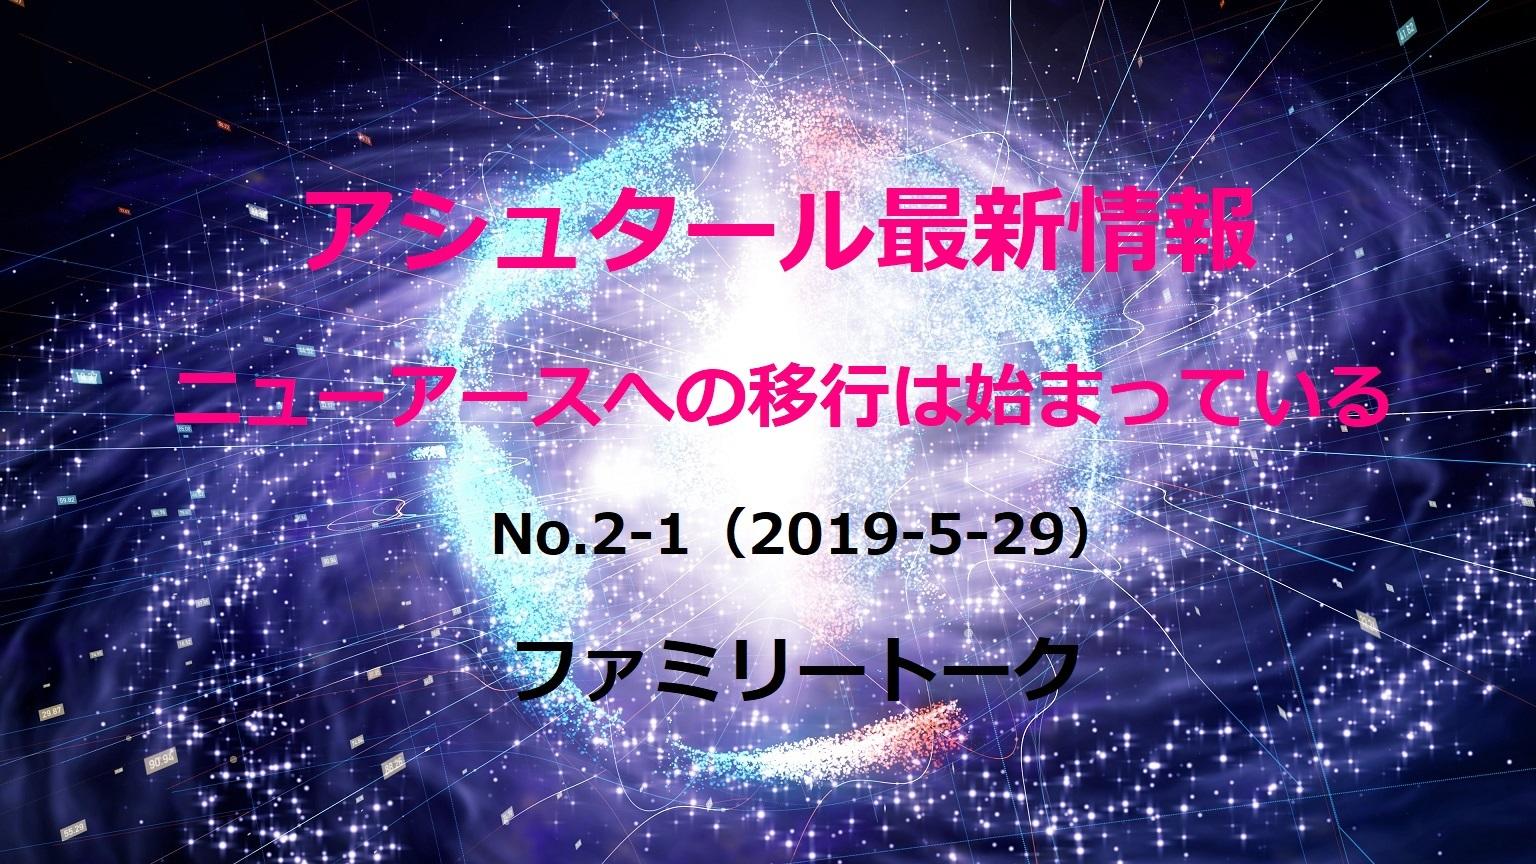 アシュタール最新情報No.2-1(2019-5-29)